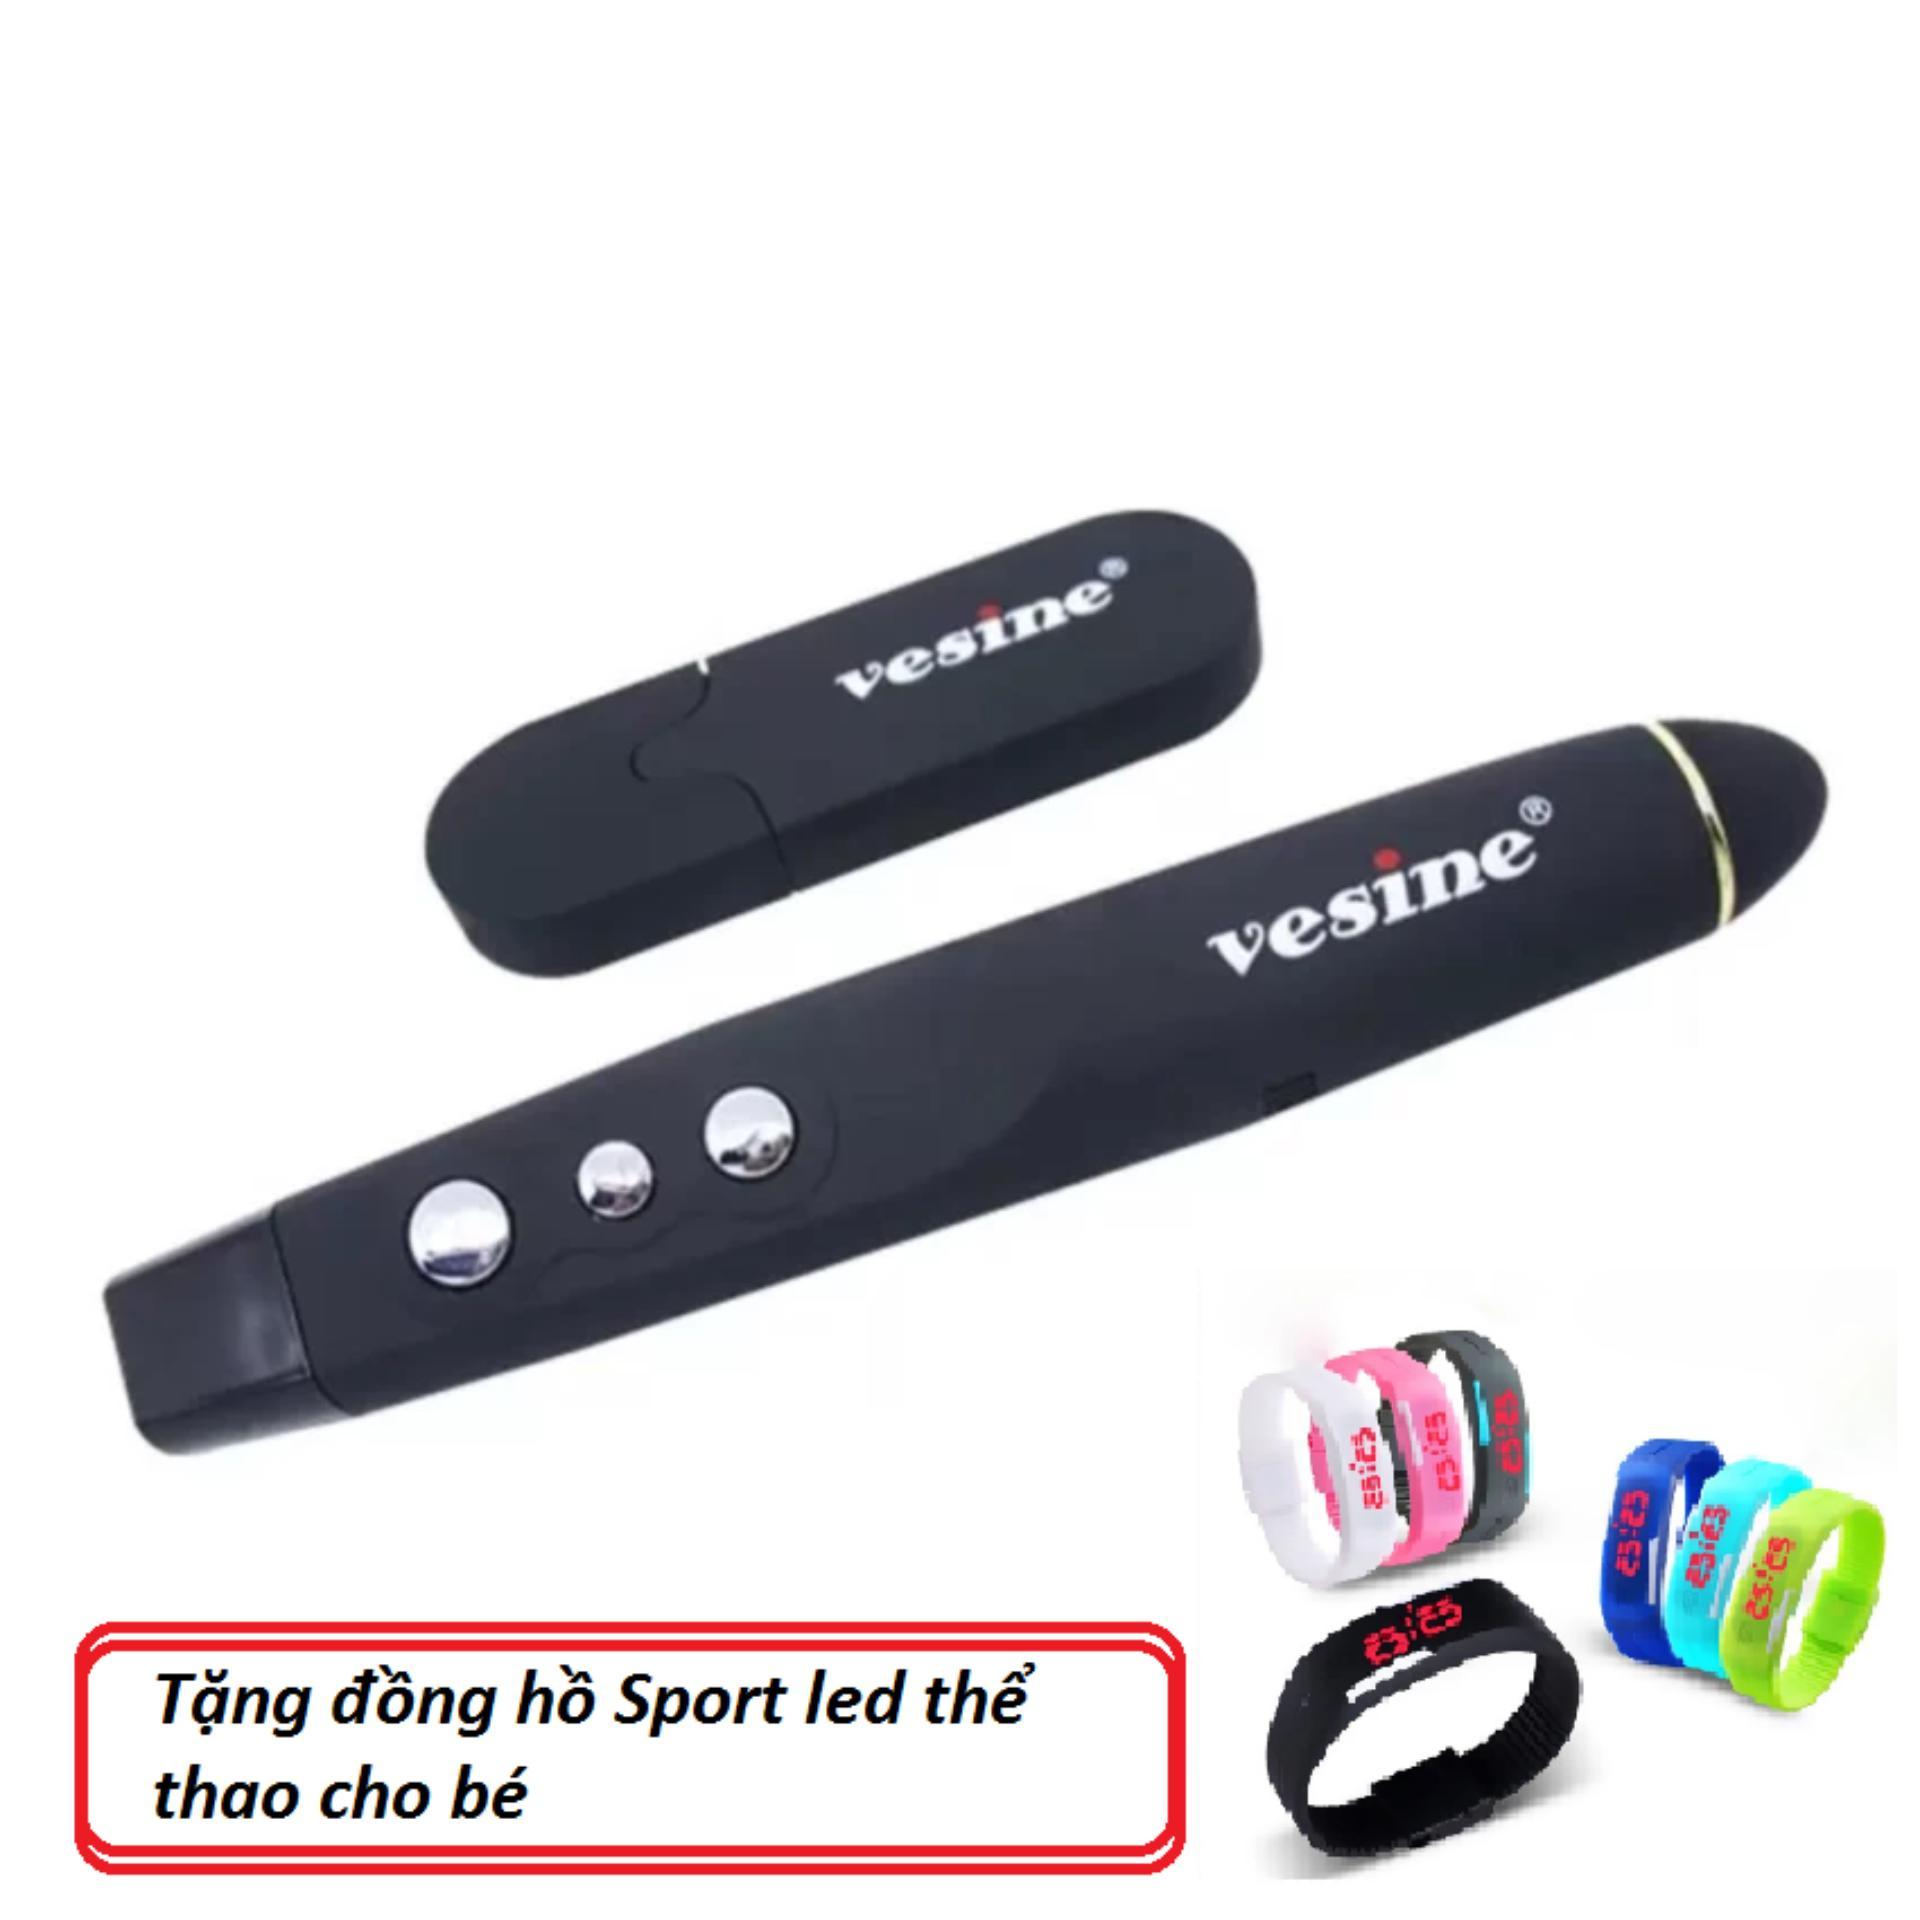 Cửa hàng bán Bút trình chiếu powerpoint Vesine VP101 tặng đồng hồ sport led thể thao cho bé